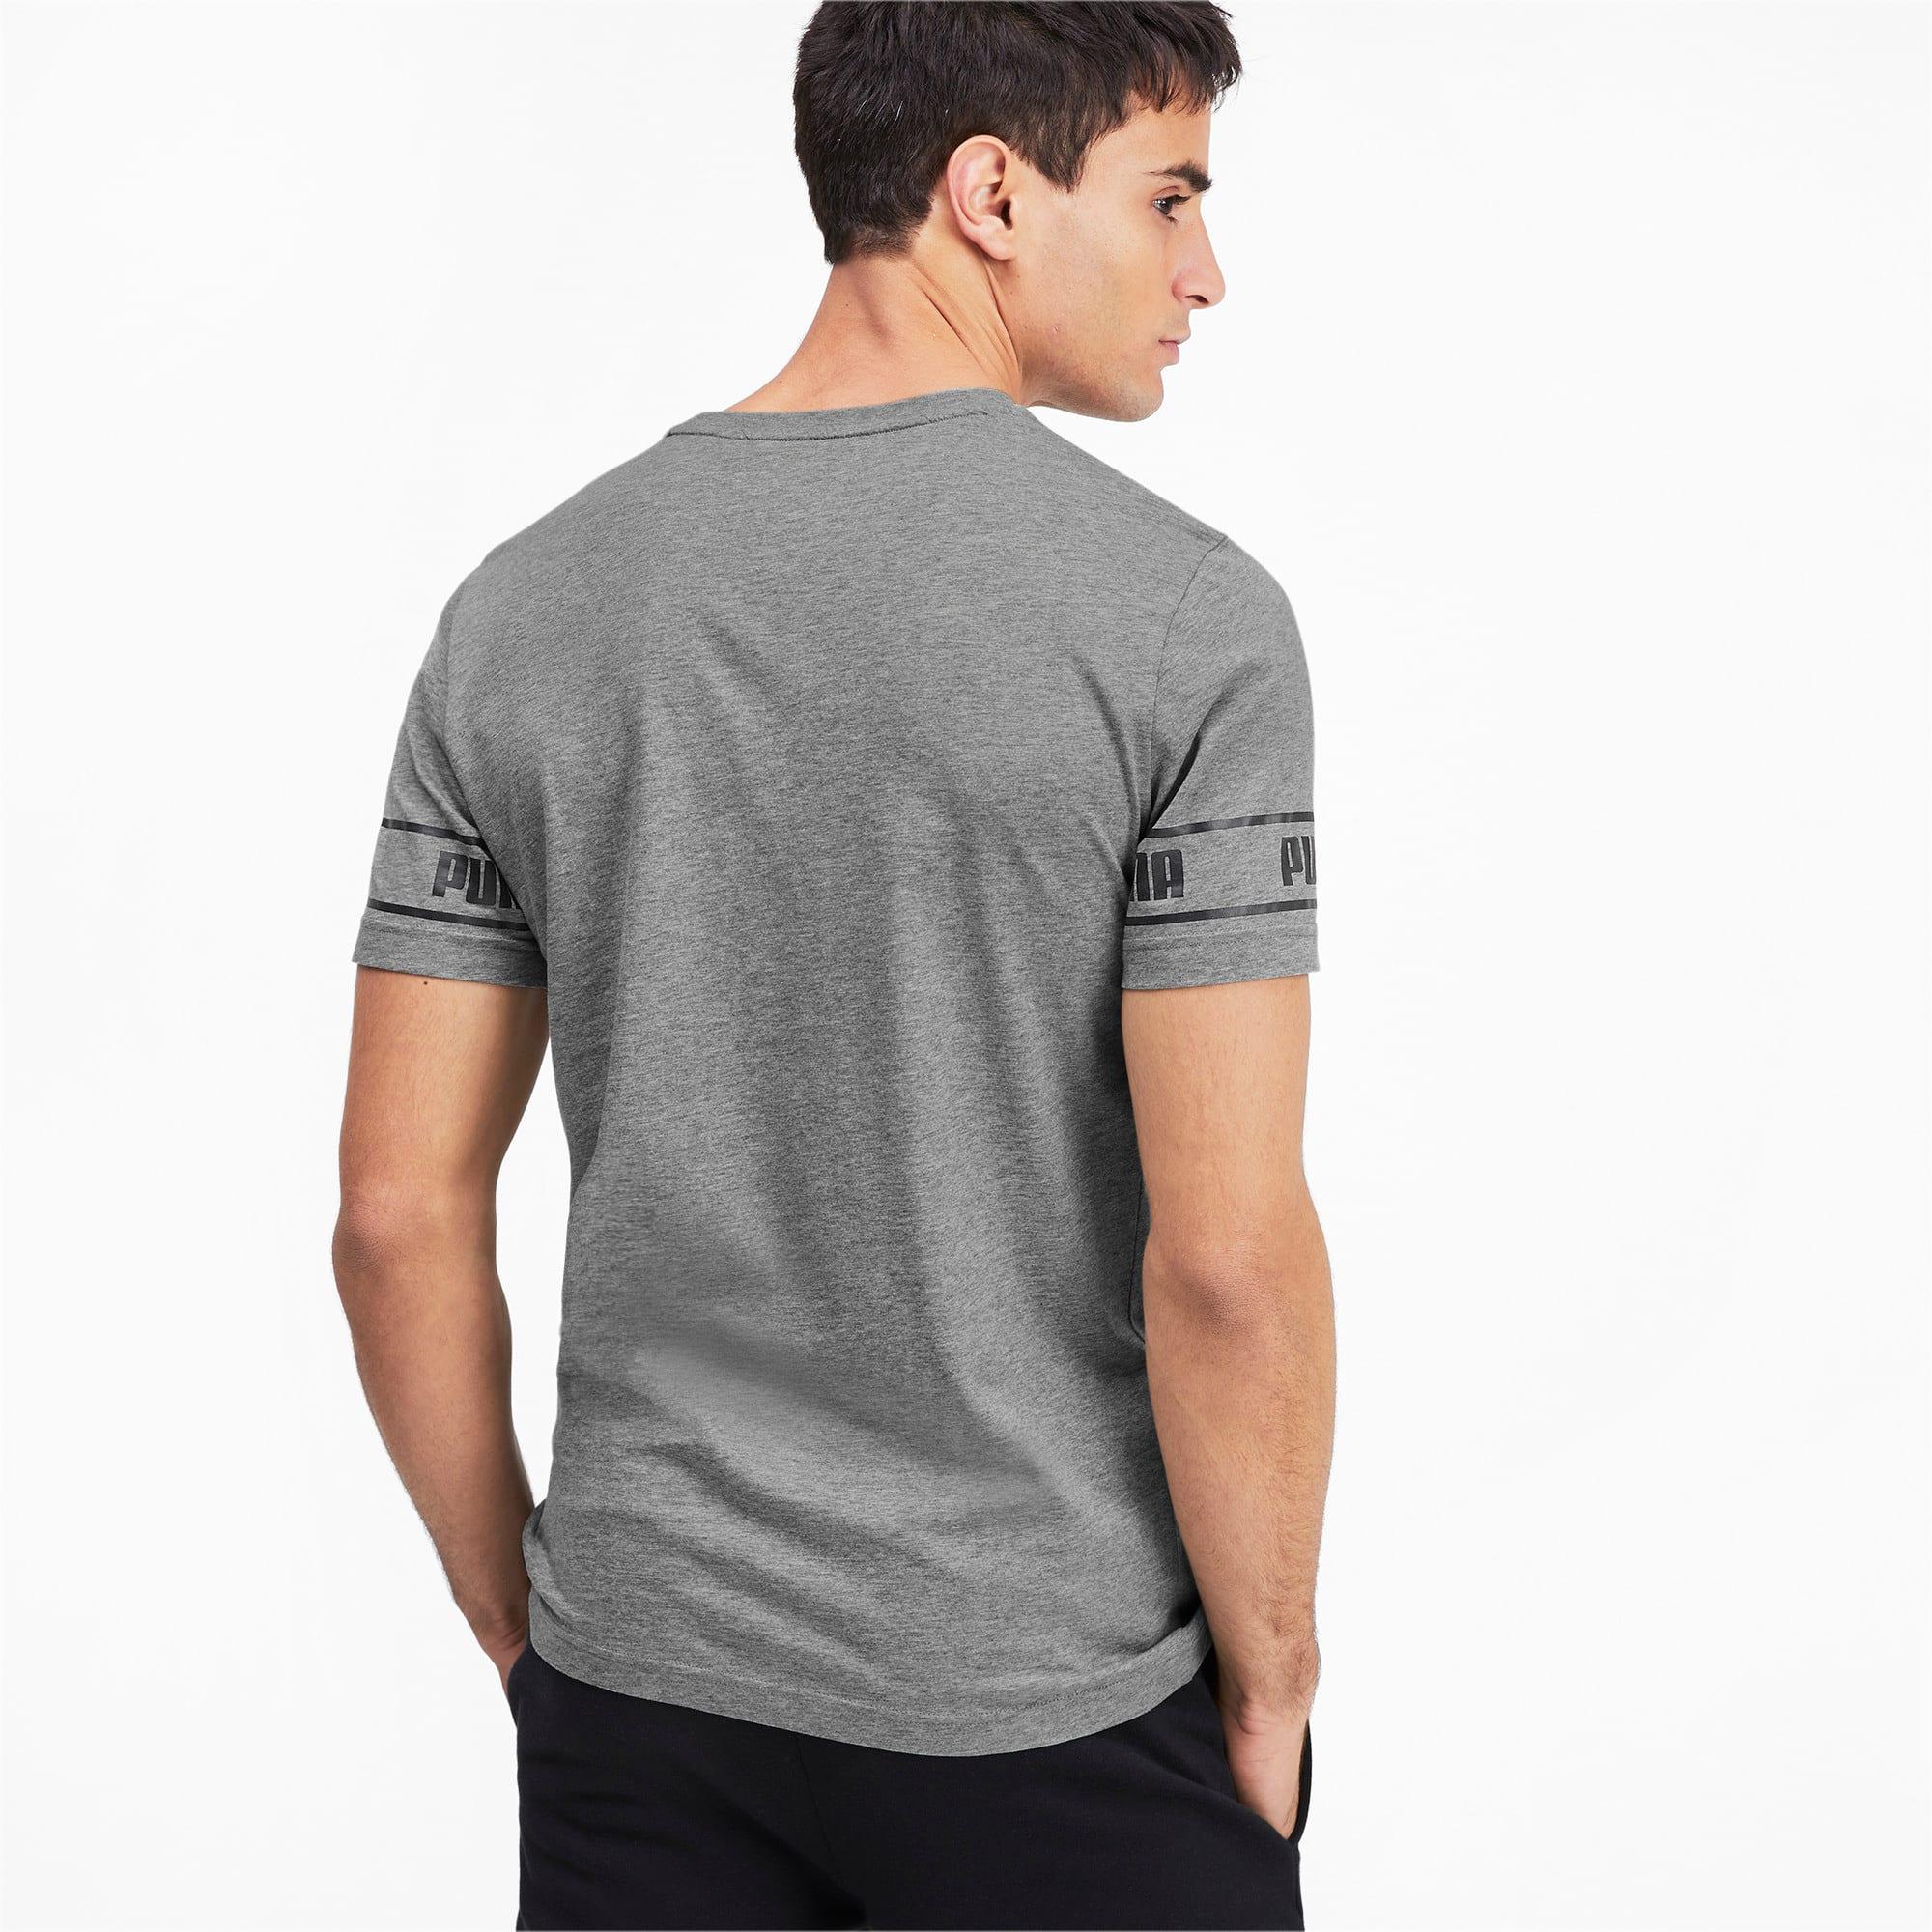 Thumbnail 2 of Meska koszulka Amplified, Medium Gray Heather, medium